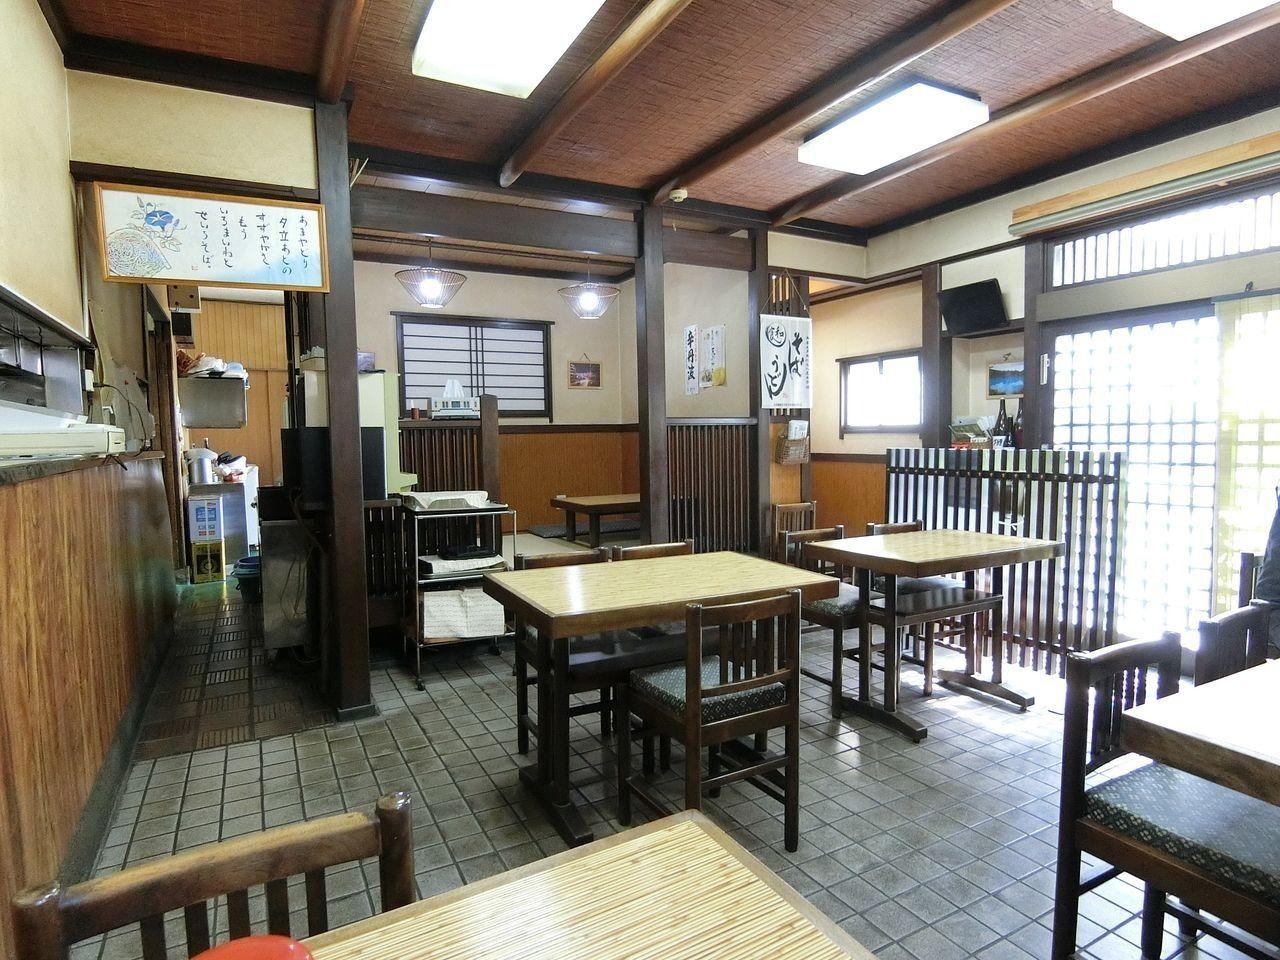 板橋区大山金井町の蕎麦屋「長寿庵」